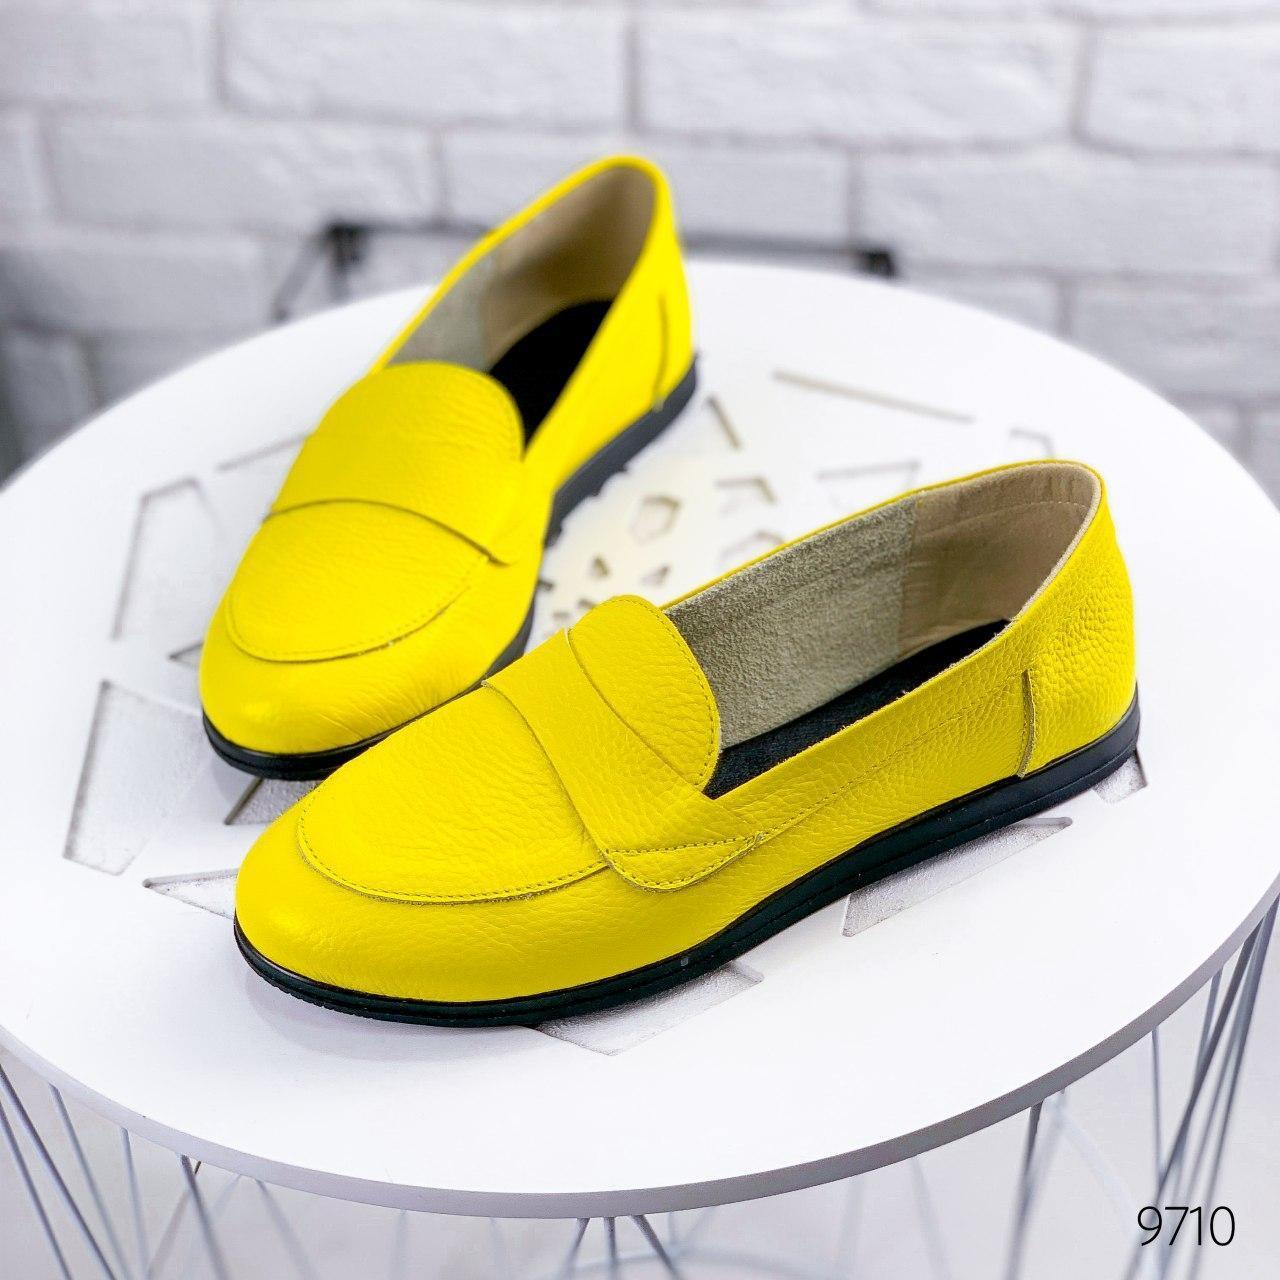 Туфли женские на ровном ходу, желтого цвета из НАТУРАЛЬНОЙ КОЖИ с закрытым носком. Туфлі жіночі